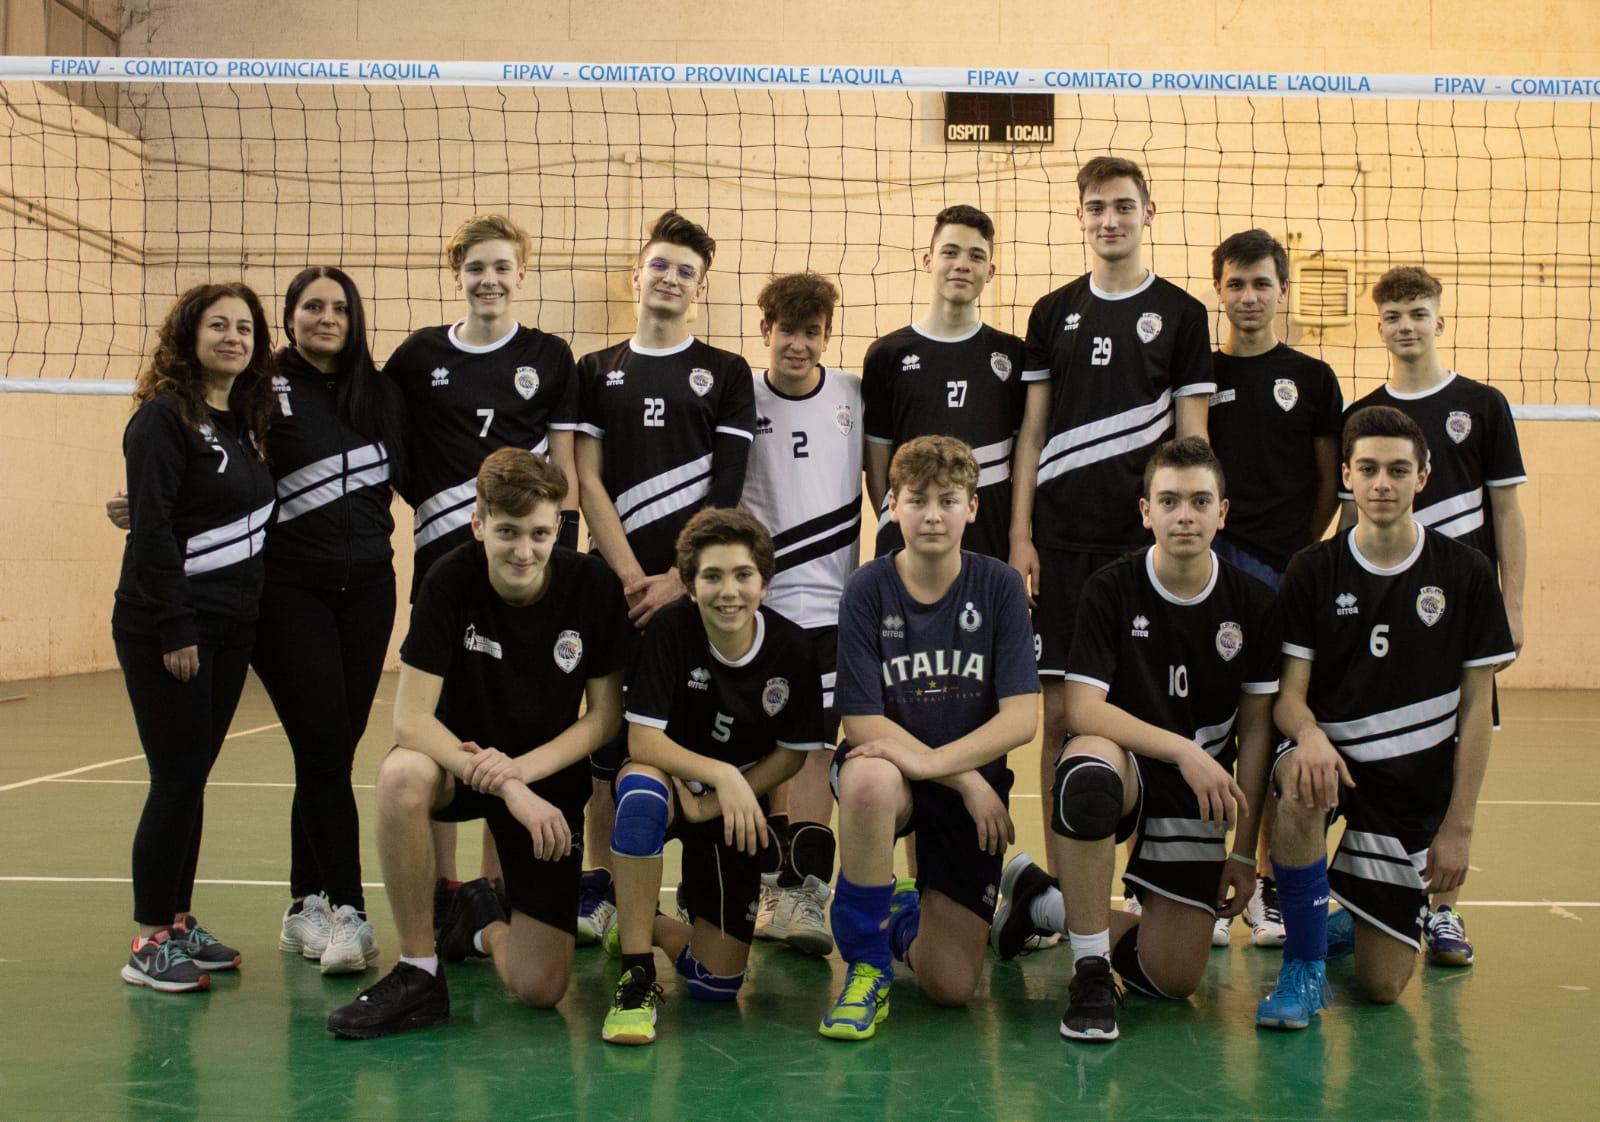 Pallavolo Maschile: Avezzano in Serie D con i LEONI della A.S.D. LEONESSA AVEZZANO VOLLEY 2015